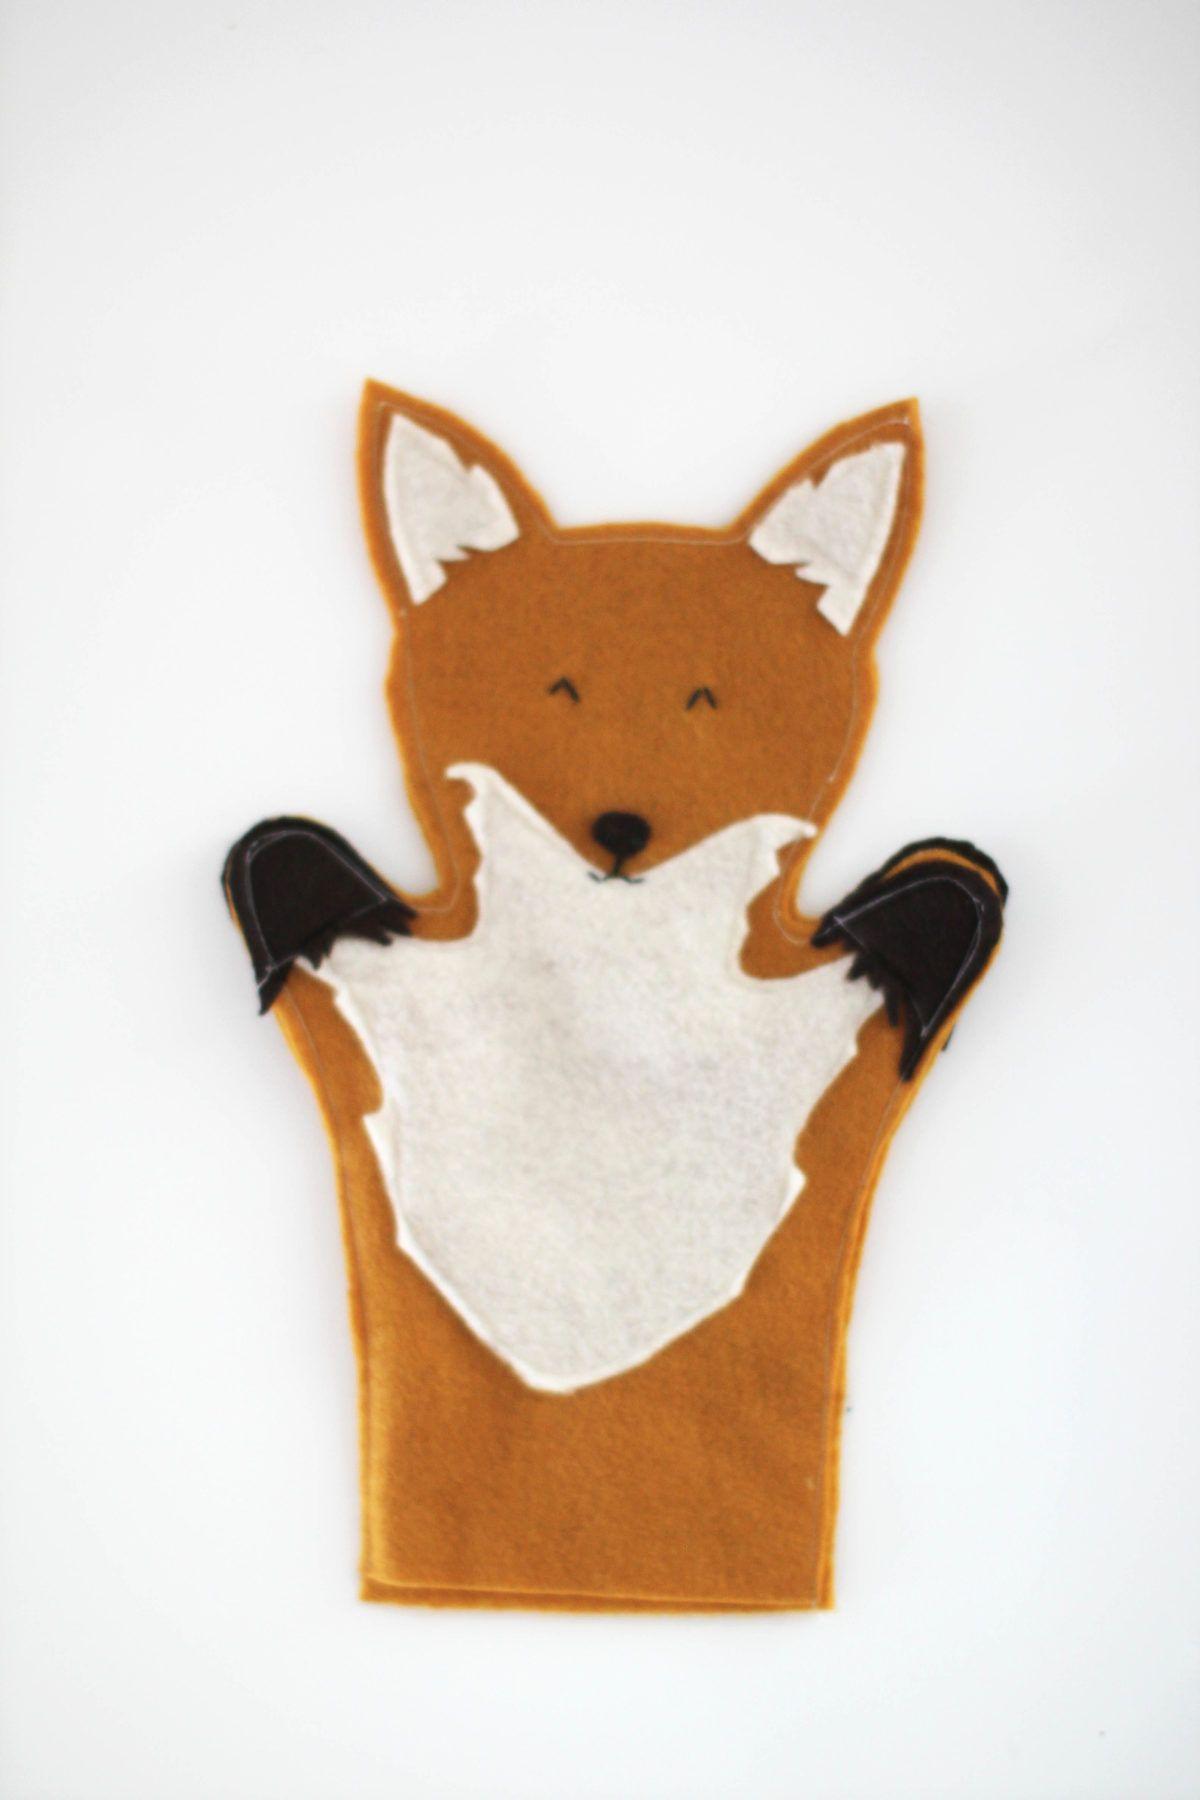 Easy DIY Hand Puppets #handpuppets